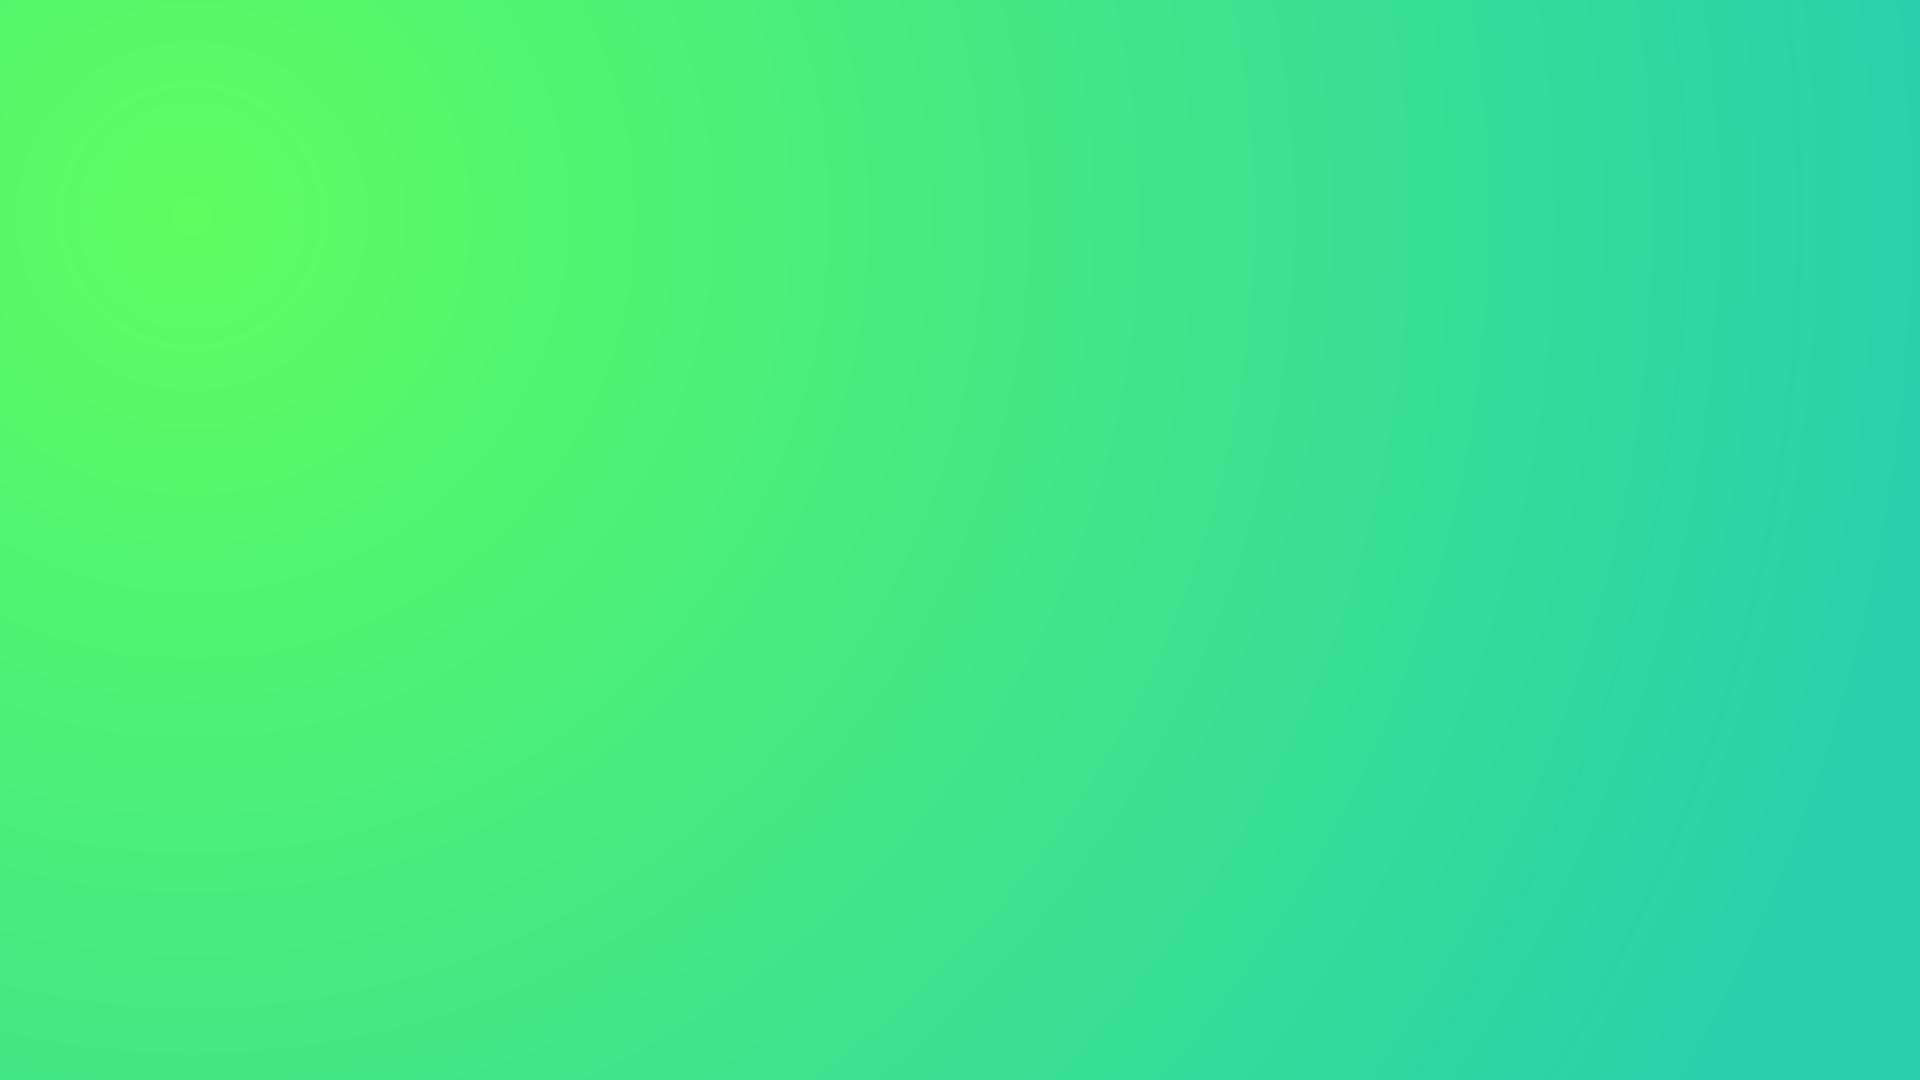 Light Green Gradient Gradient